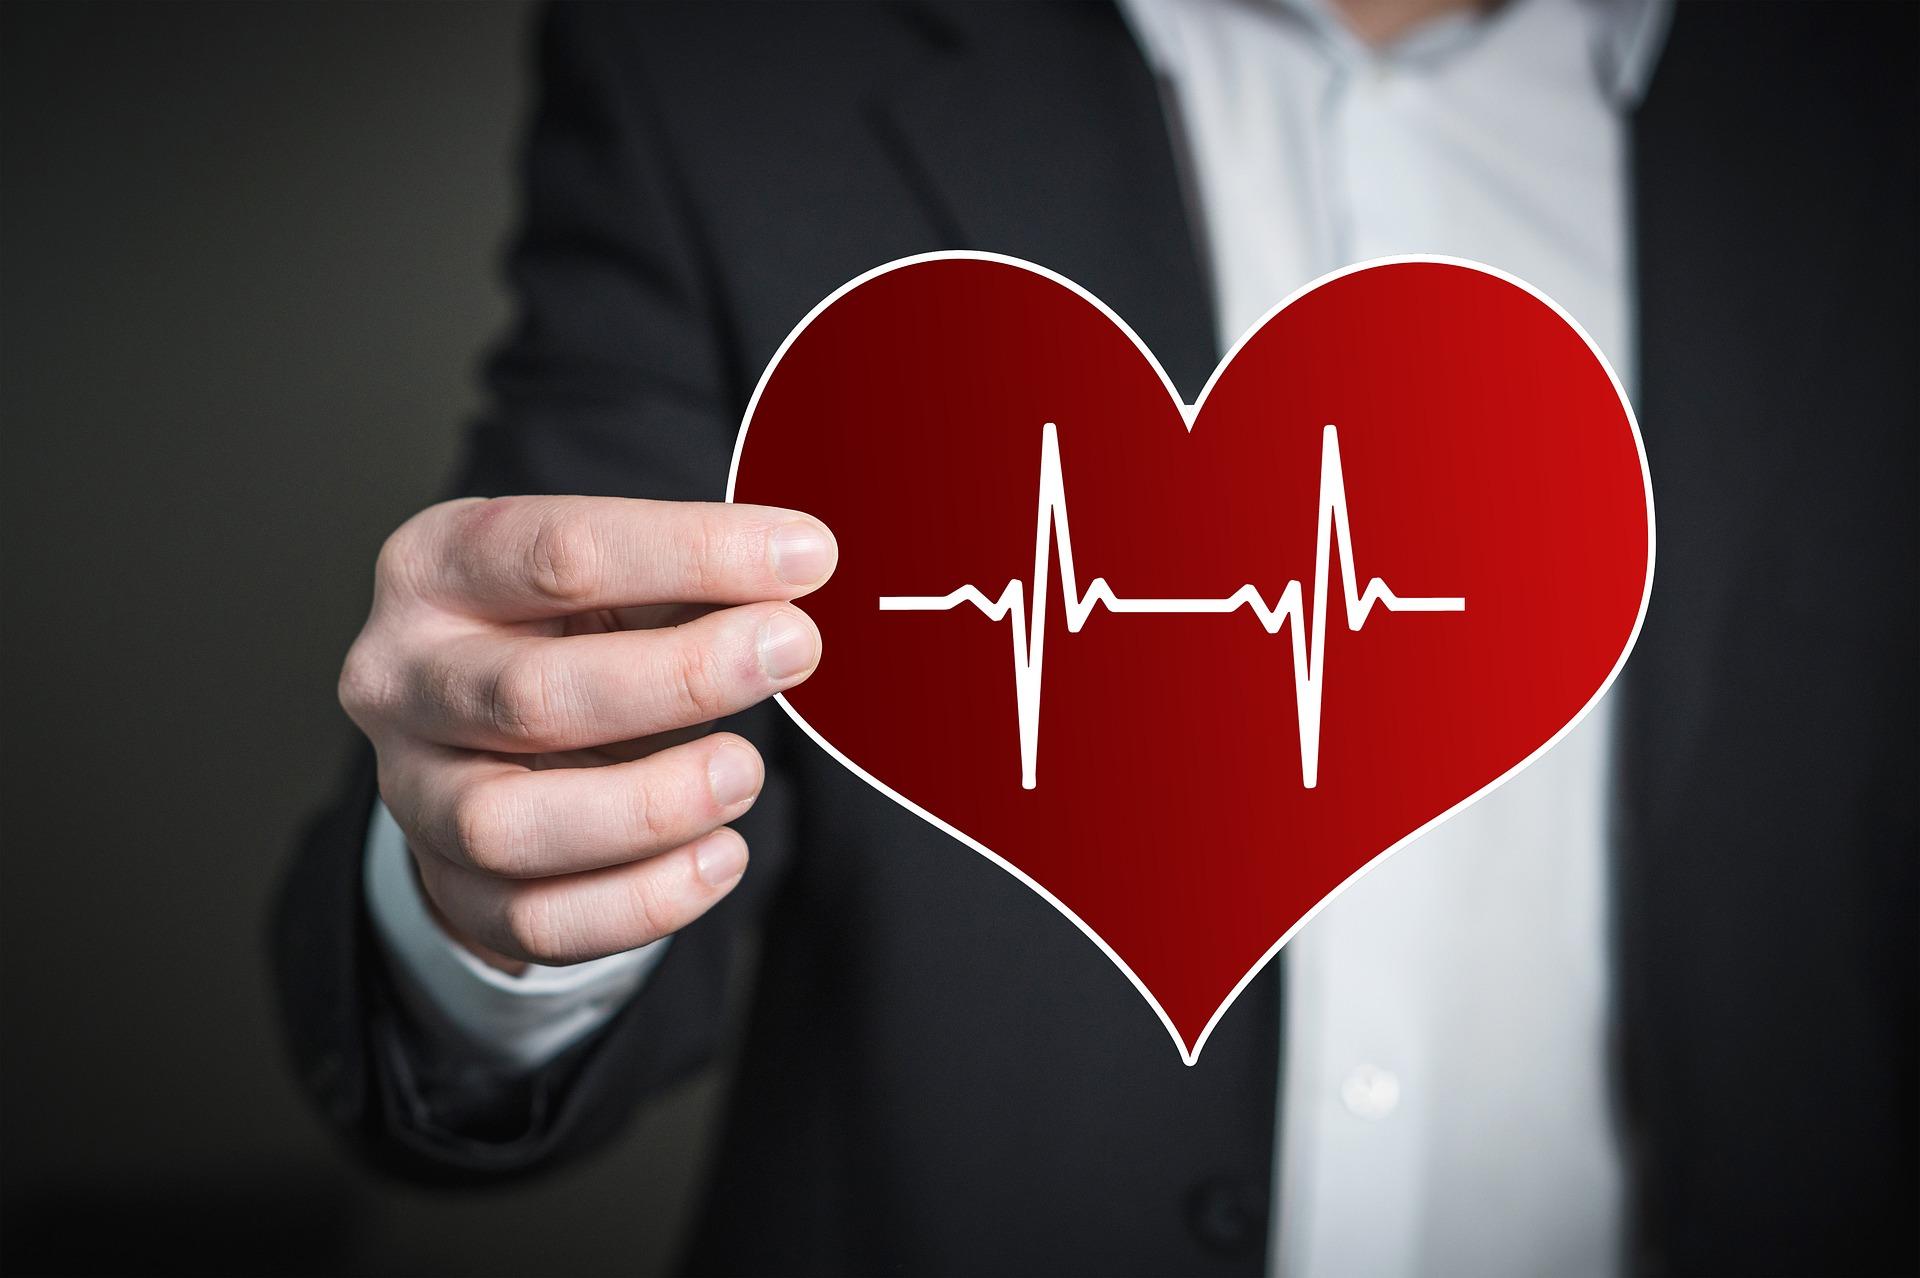 La prévention des maladies cardiovasculaires, kesako ?